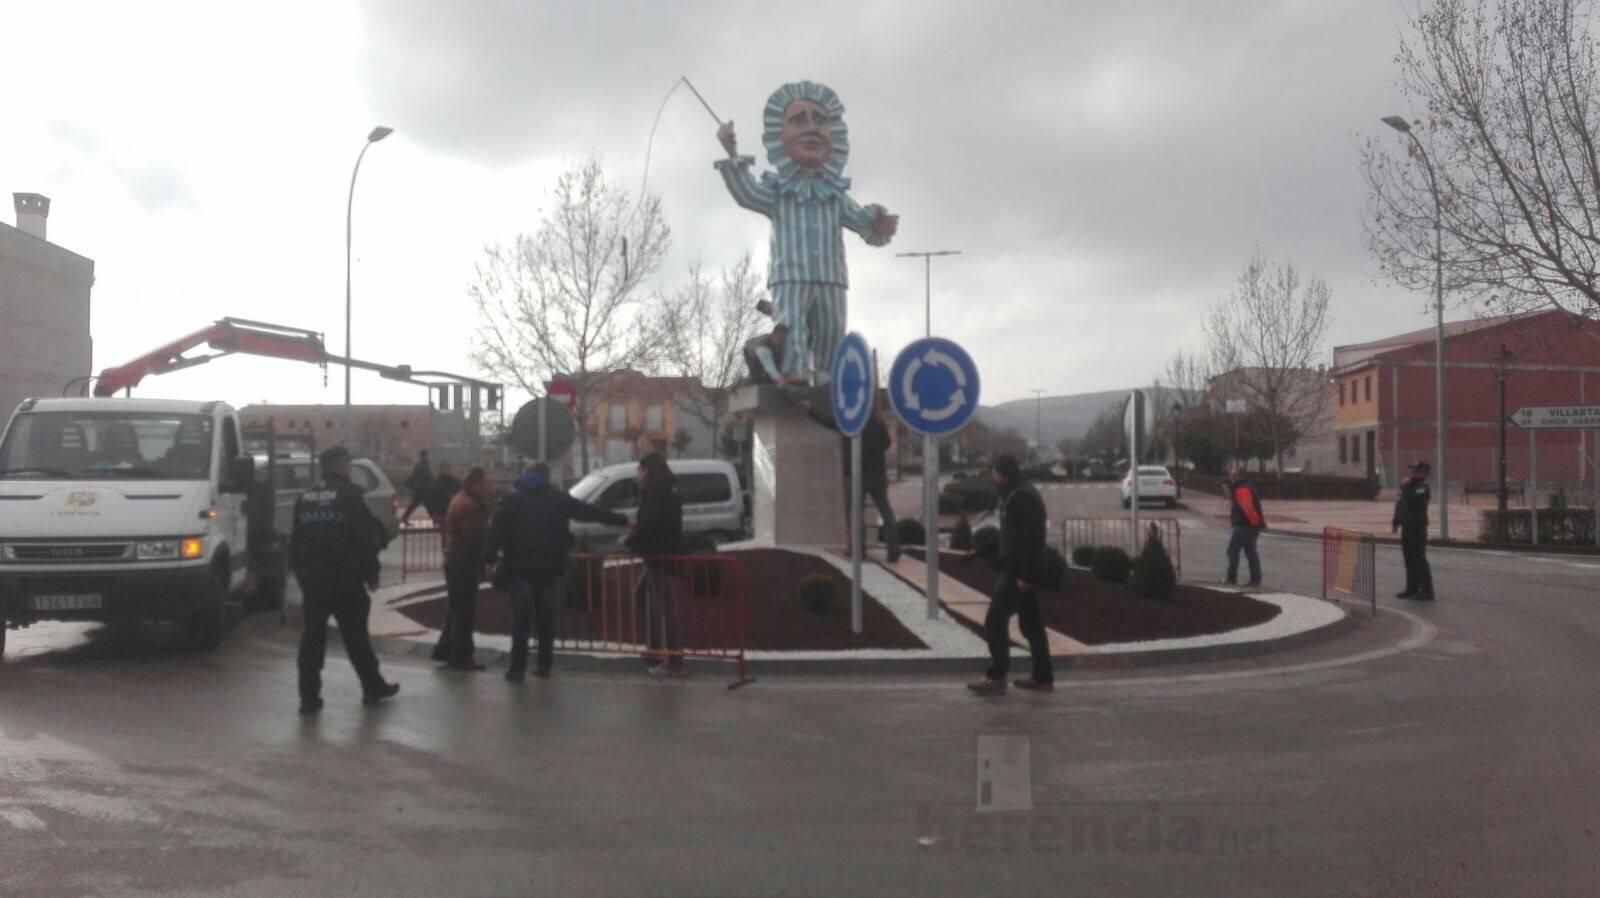 instalacion escultura perle carnaval de herencia 9 - El Carnaval de Herencia instaló la escultura Perlé